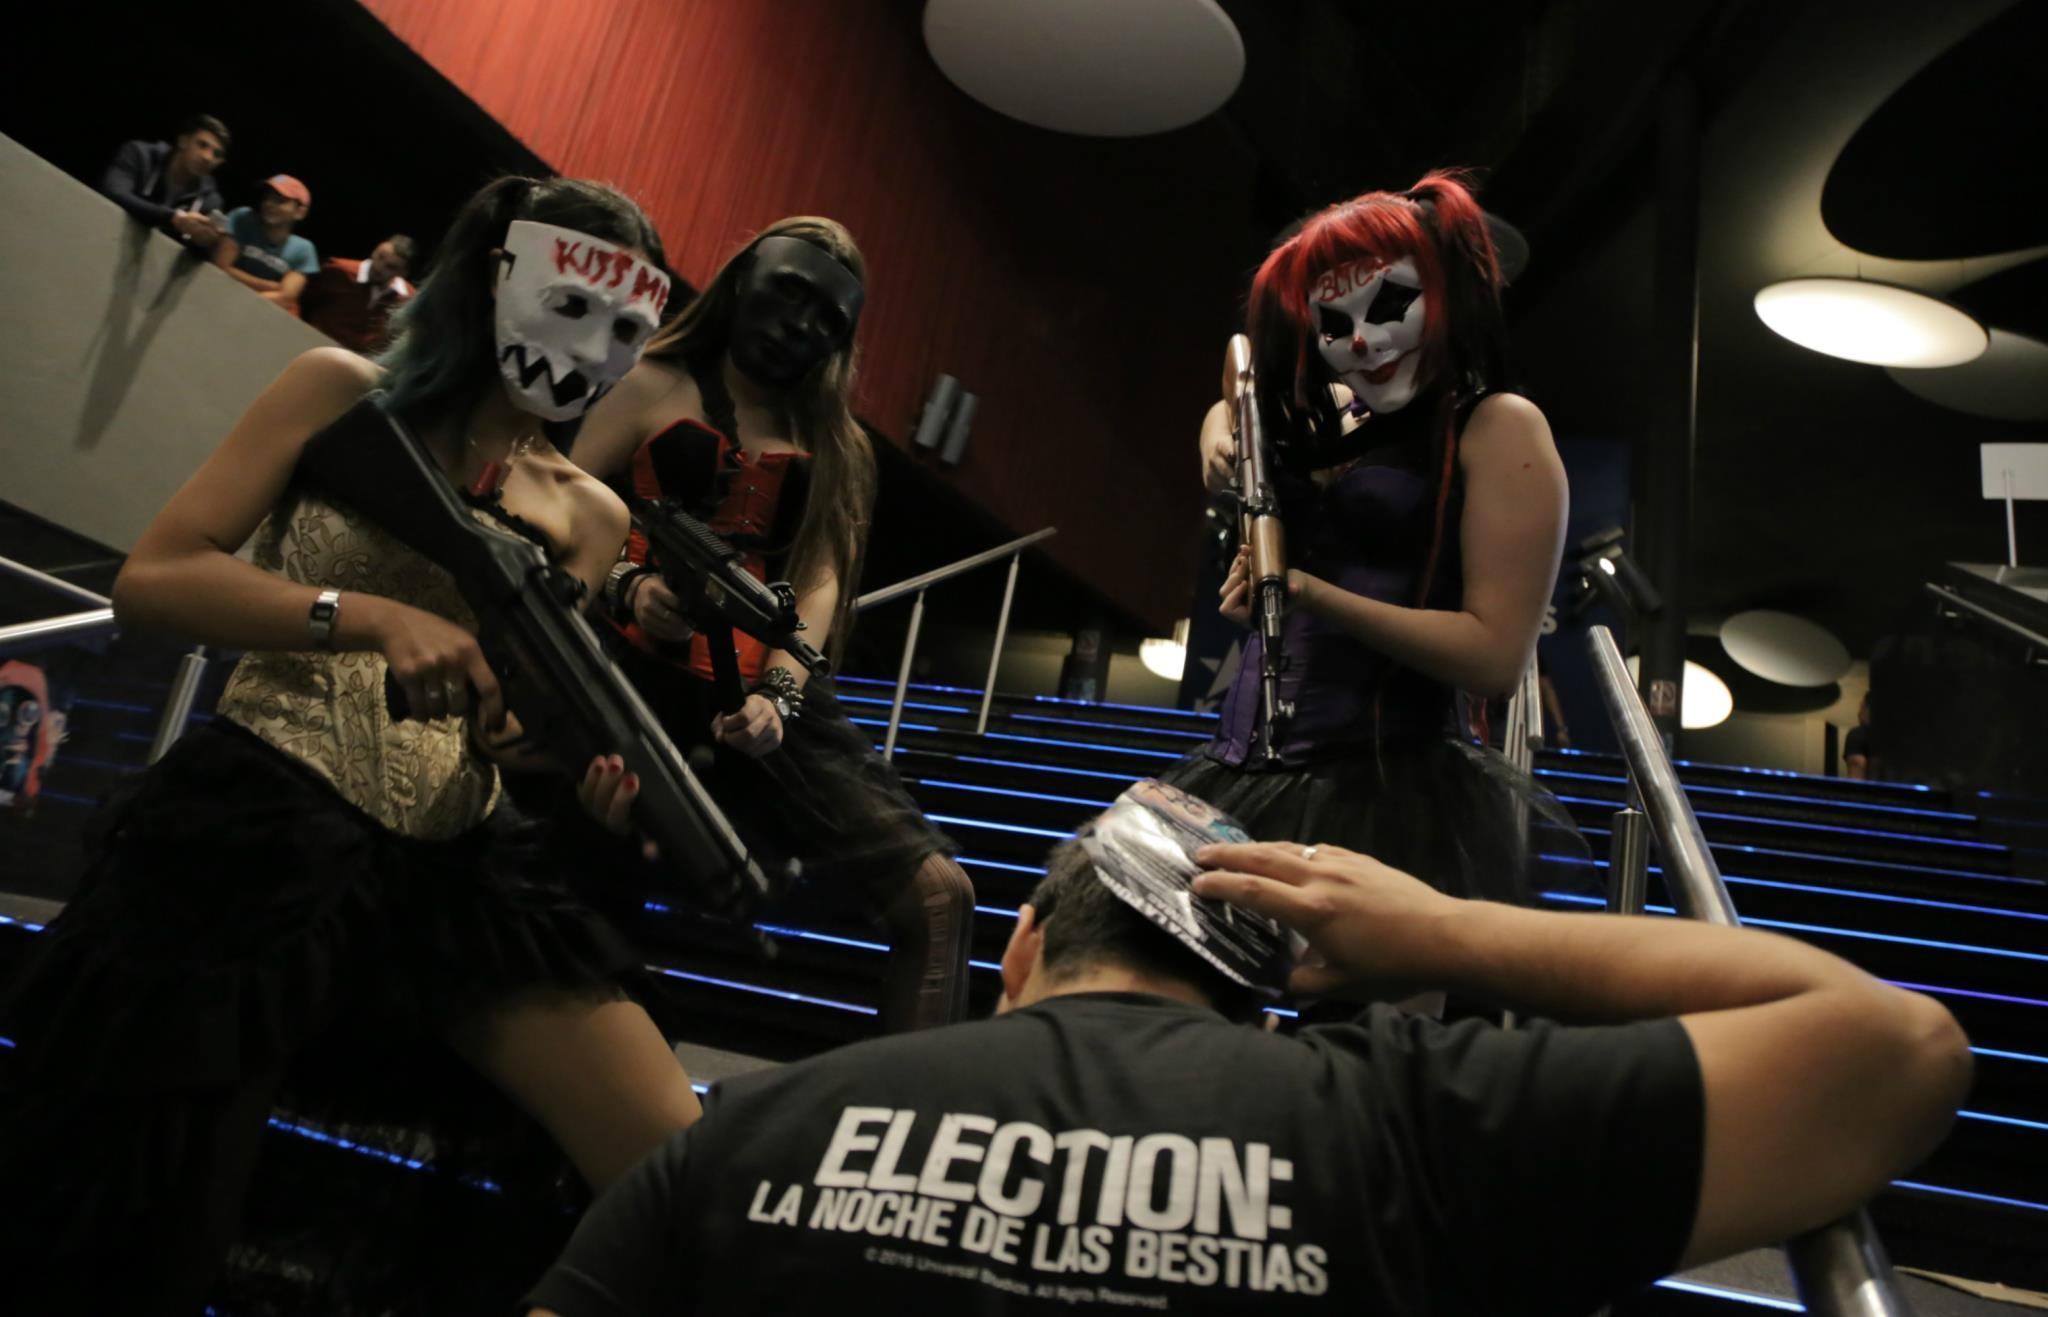 Election: La noches de las bestias, así se vive una noche de Purga en primera persona